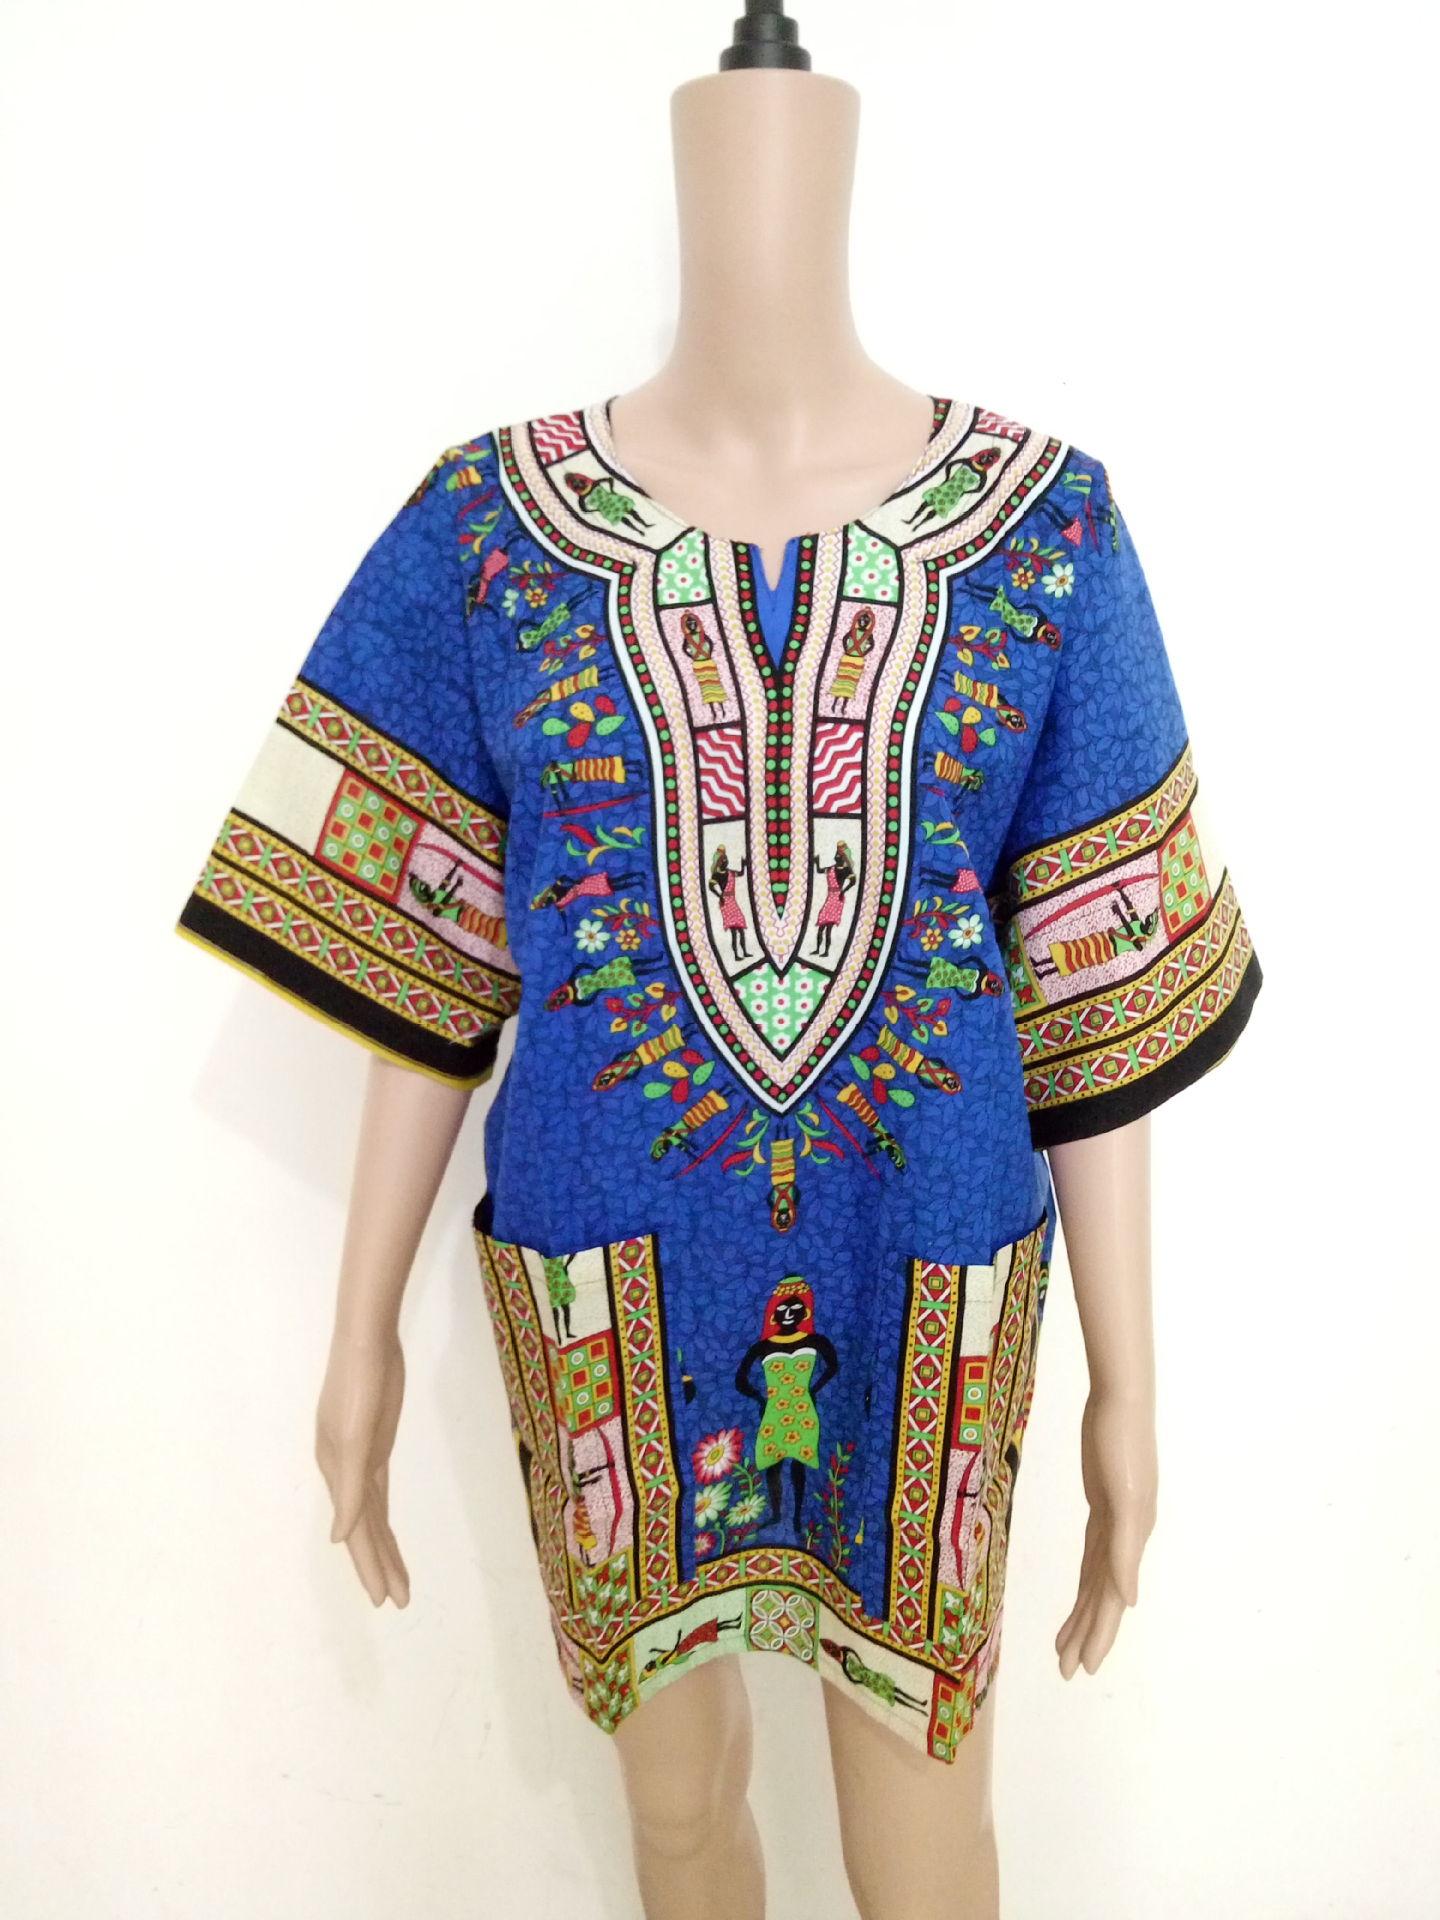 Dashikis الأفريقية للمرأة فساتين أفريقيا السيدات اللباس بازان الملابس dashiki الرجال فساتين الأفريقية للنساء حجم كبير اللباس